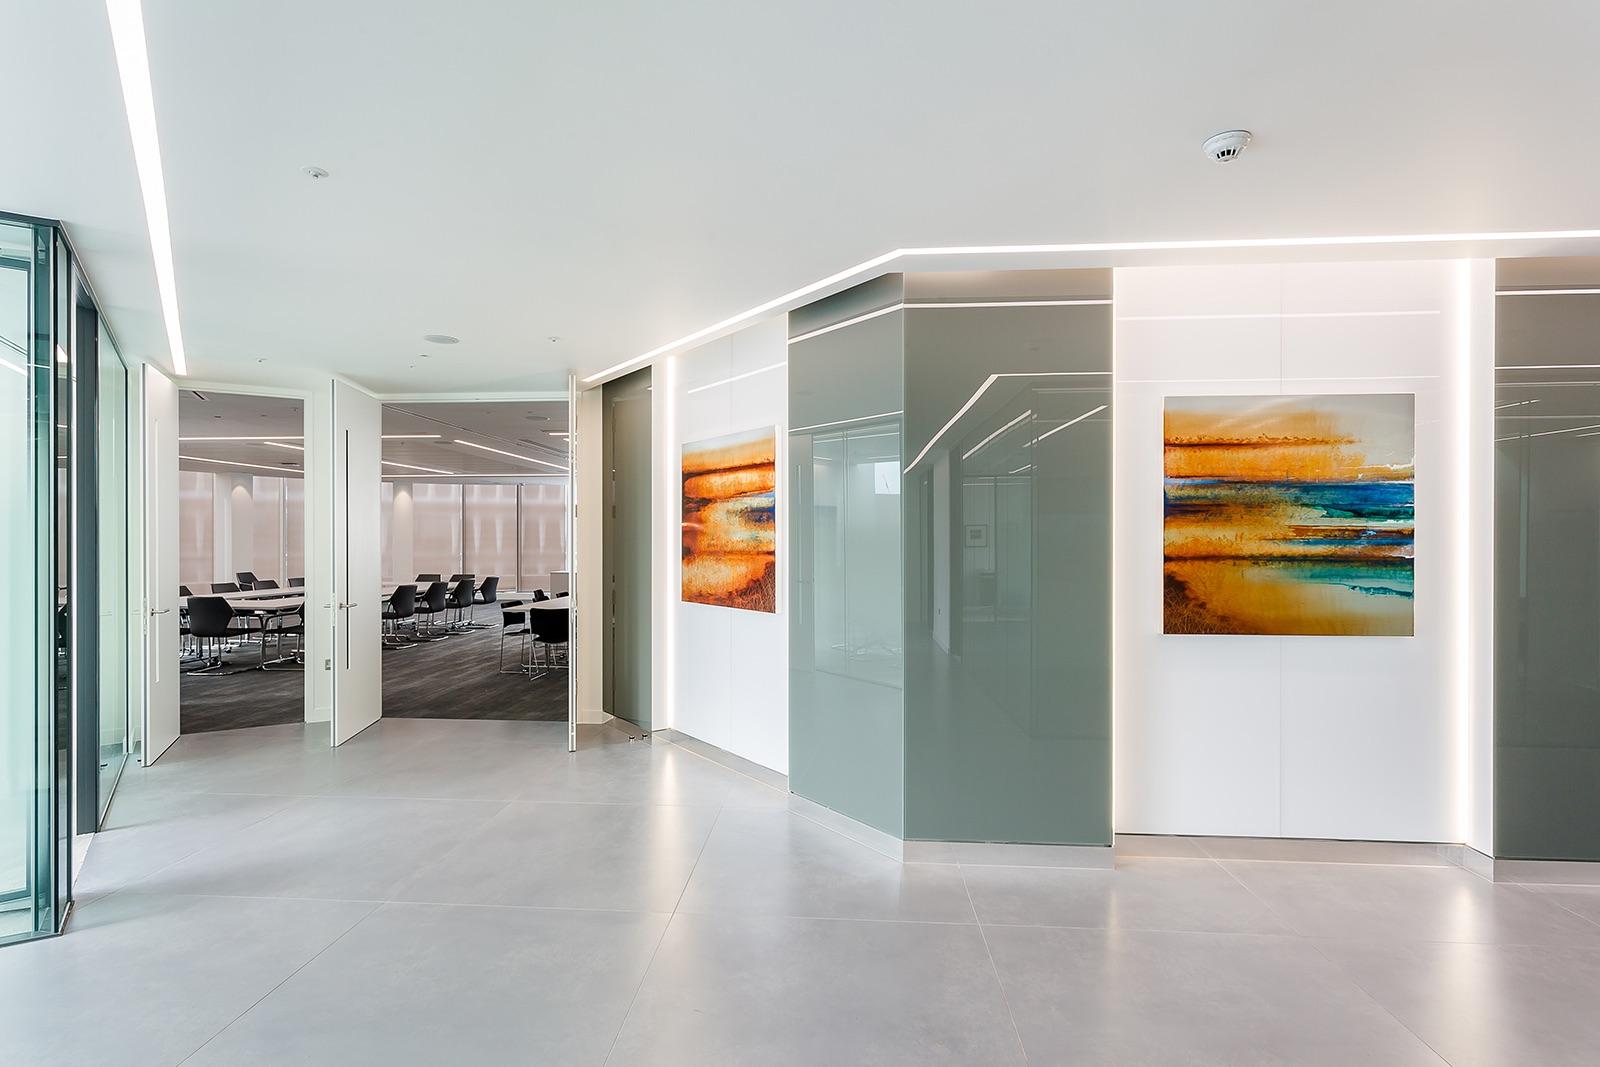 wedlake-bell-office-11